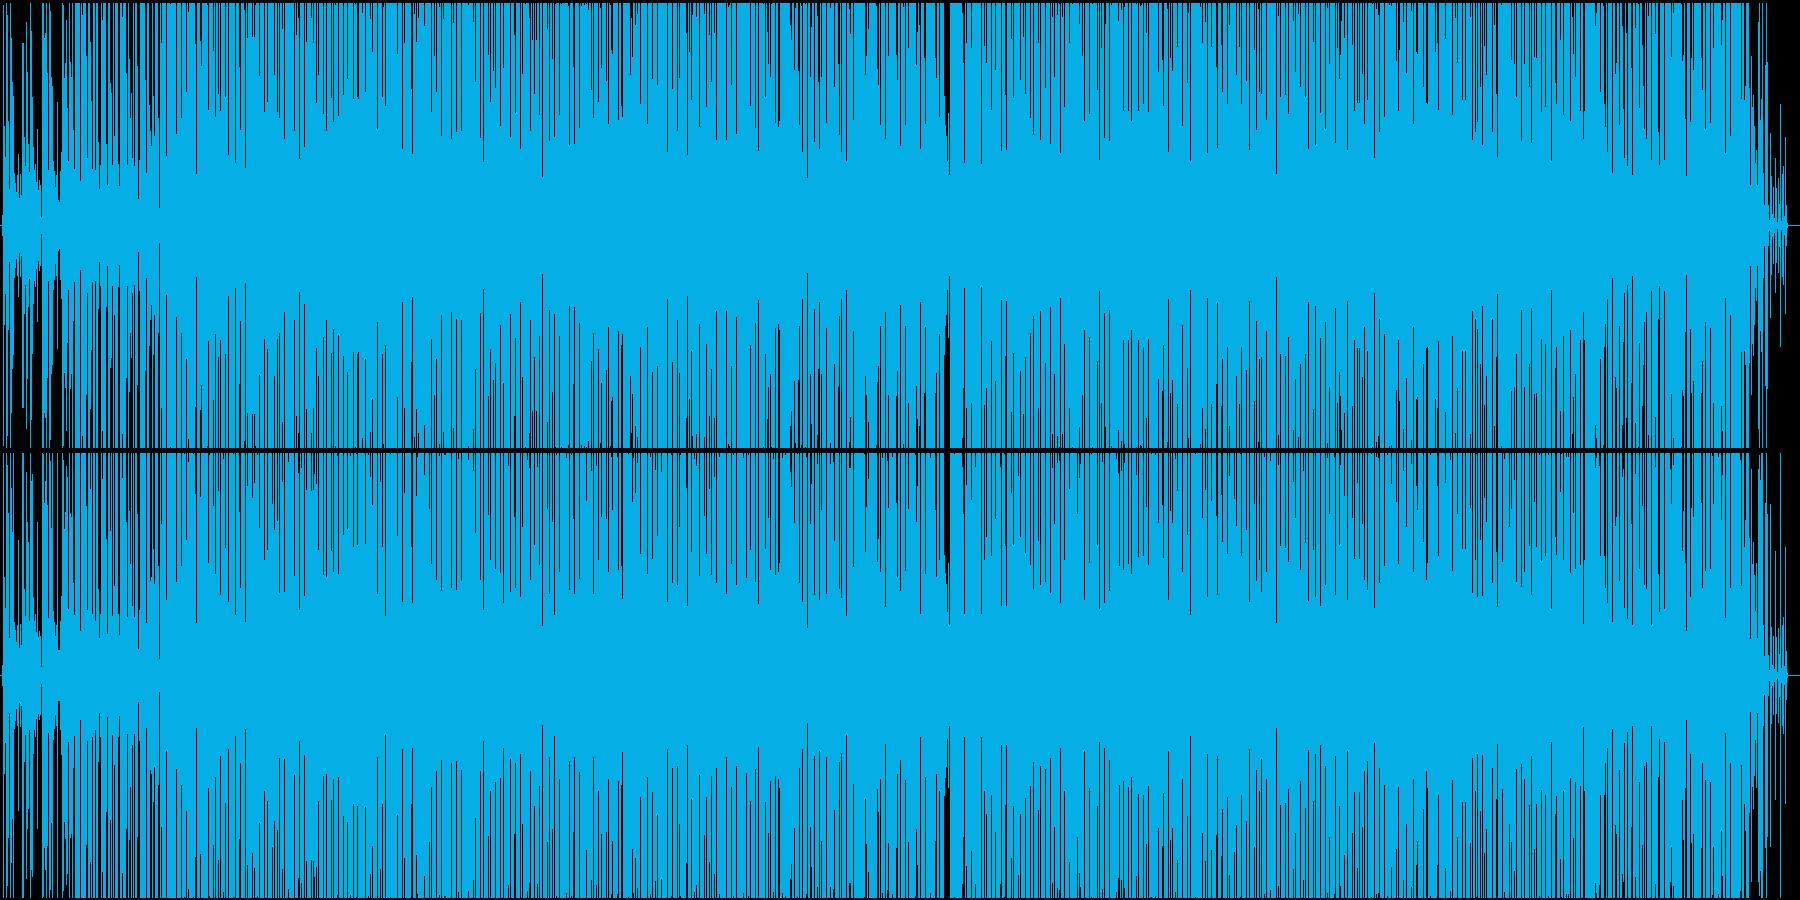 ゆったりめアコースティックなクラブ音楽の再生済みの波形